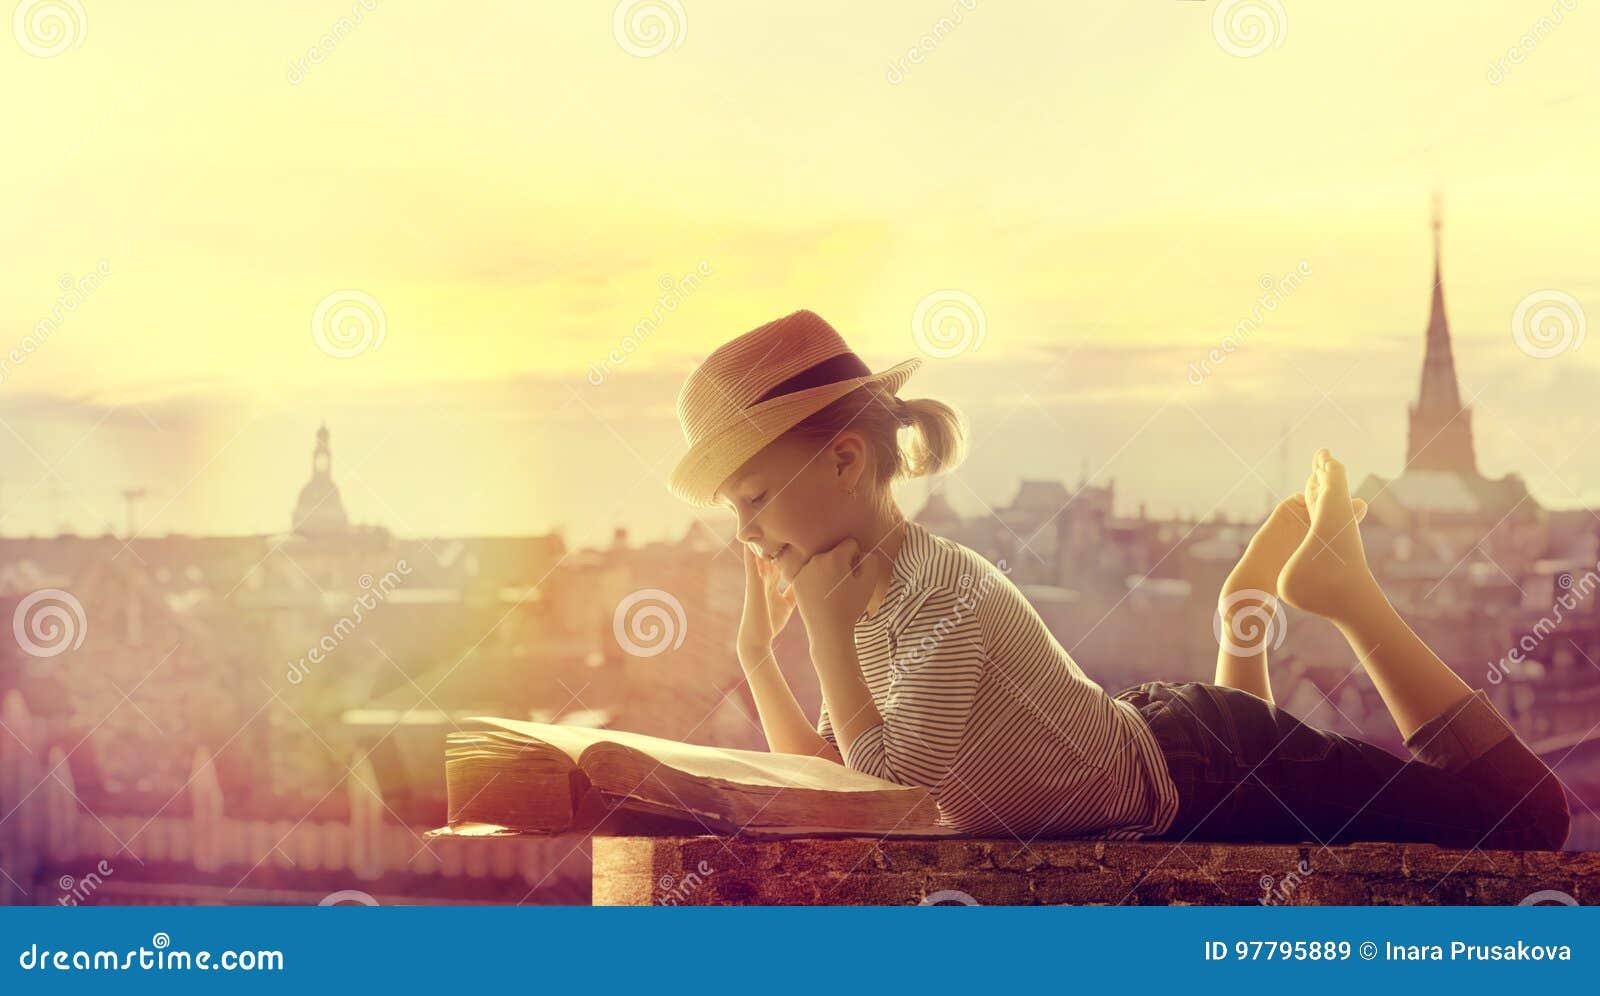 Υπαίθρια στέγη πόλεων βιβλίων ανάγνωσης παιδιών, ευτυχές παιδί κοριτσιών που διαβάζονται και ο Δρ